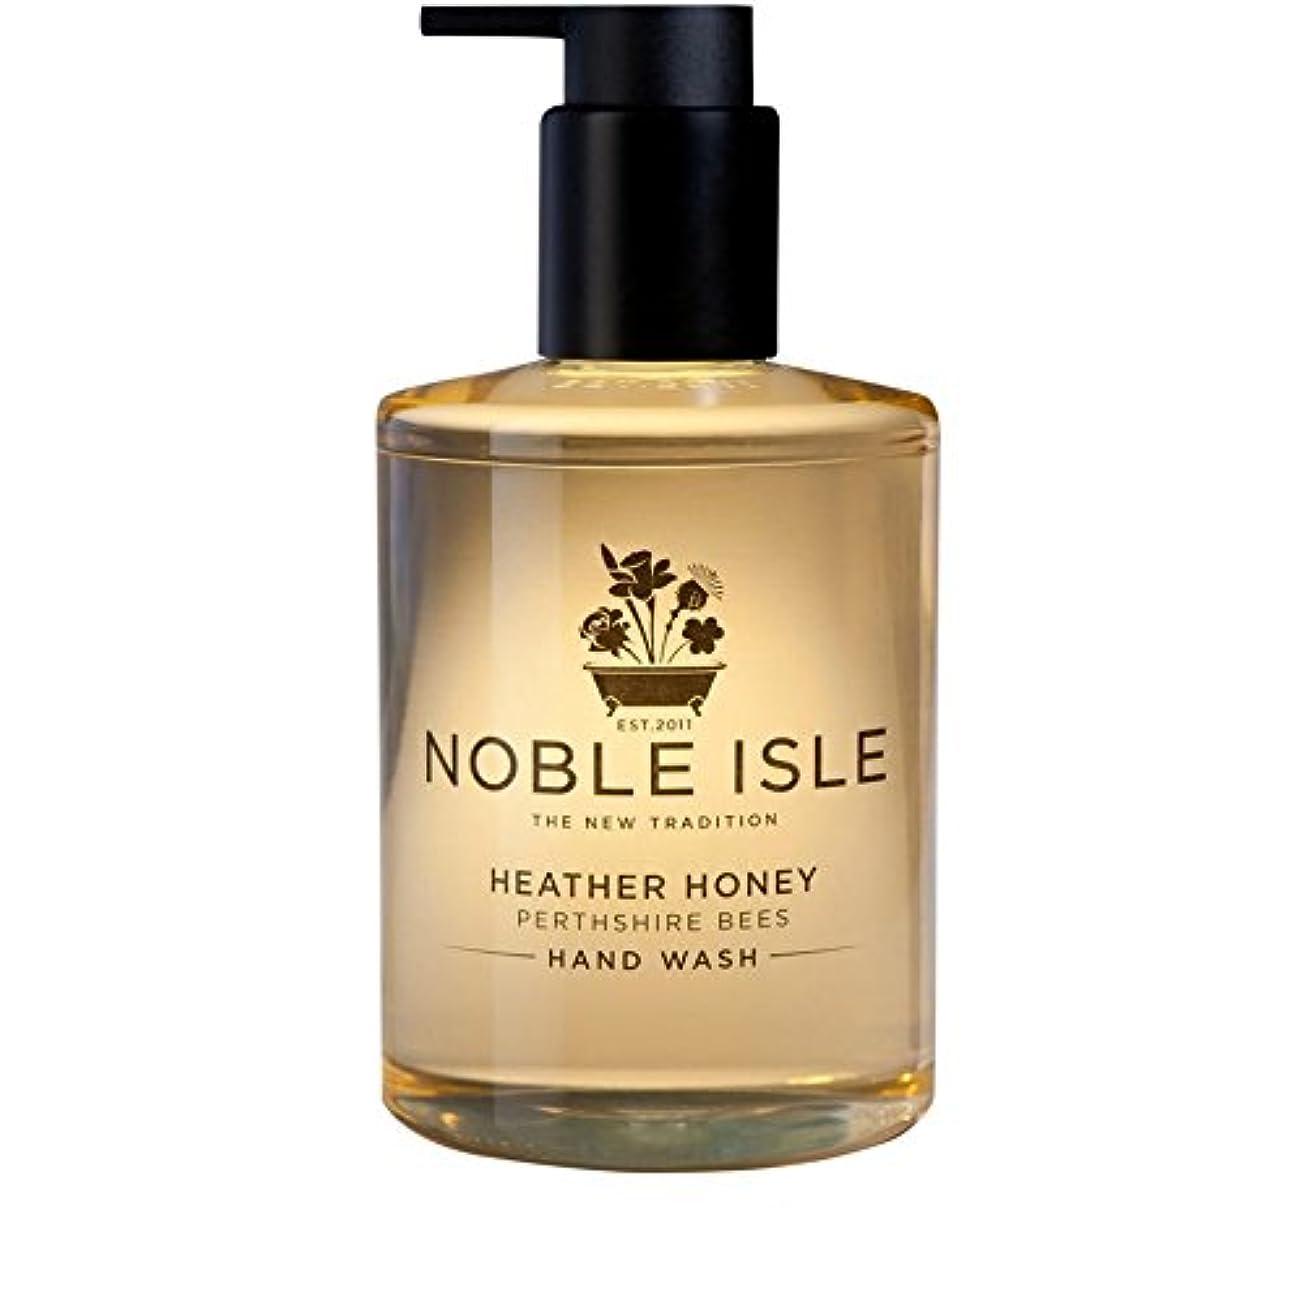 残忍な起業家巨大な高貴な島杢蜂蜜パースシャー蜂のハンドウォッシュ250ミリリットル x4 - Noble Isle Heather Honey Perthshire Bees Hand Wash 250ml (Pack of 4) [並行輸入品]